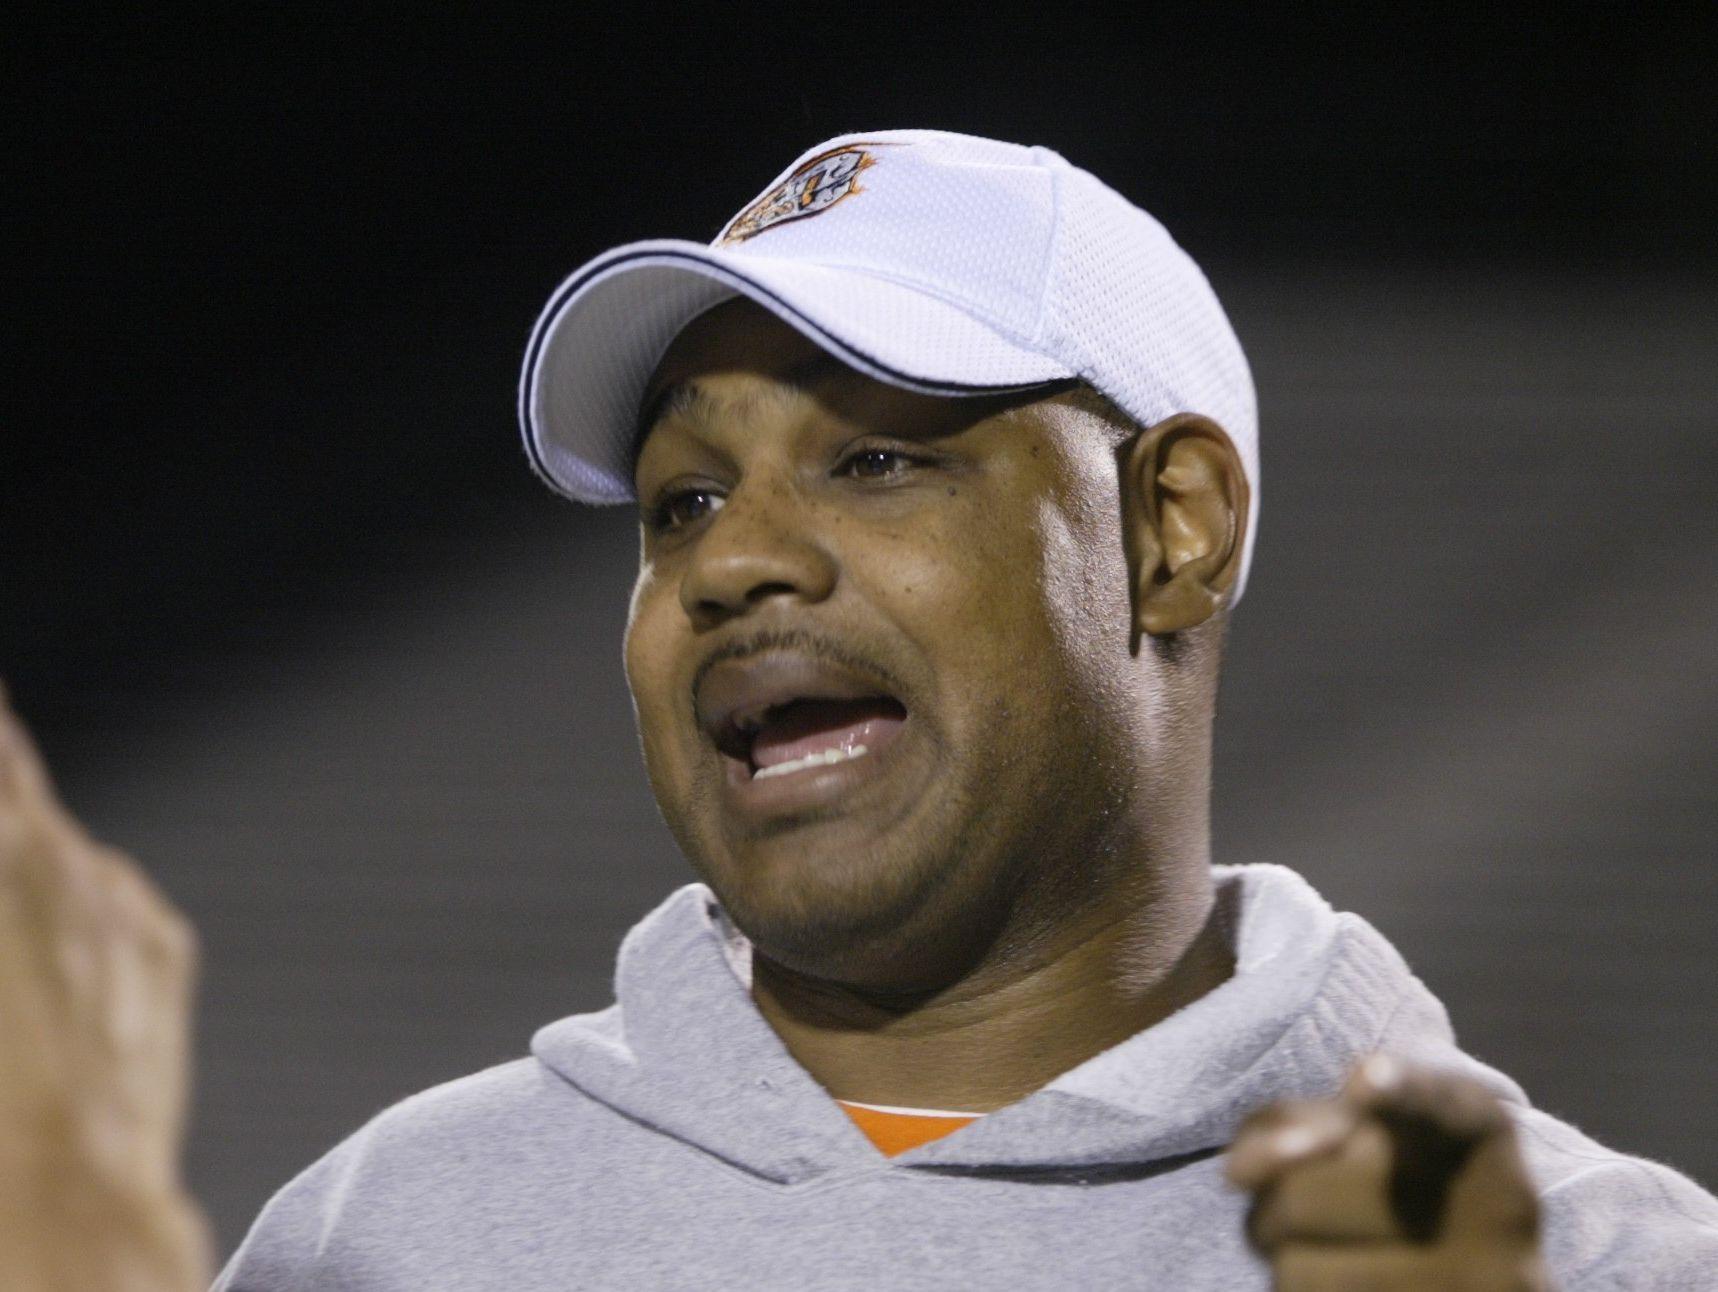 Detroit Denby coach Tony Blankenship